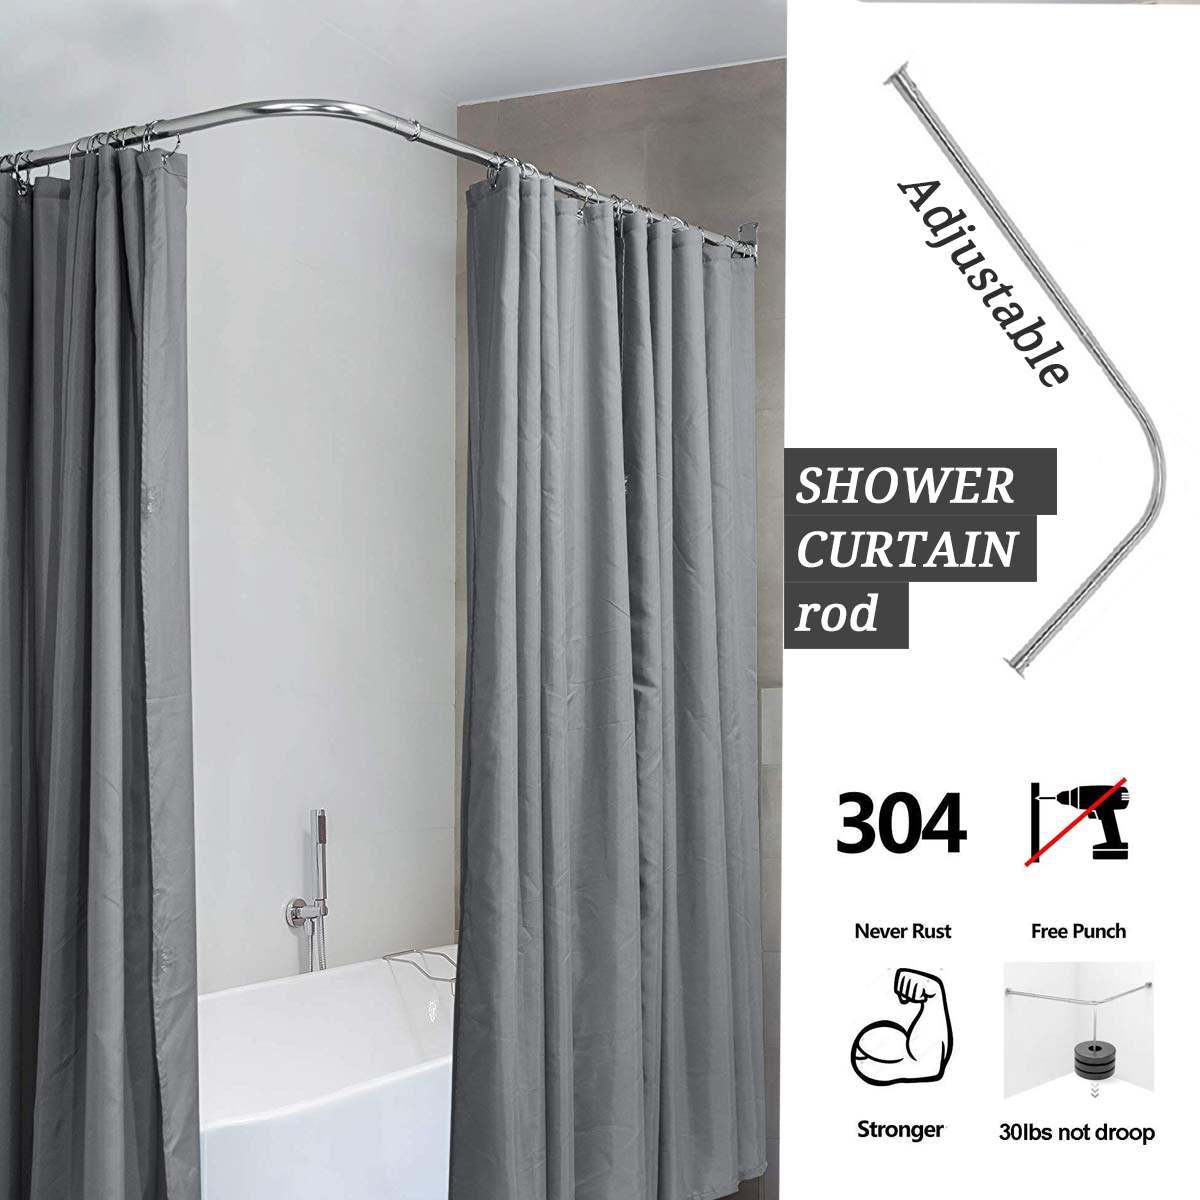 Barra curvada extensible para Cortina de ducha, postes de acero inoxidable 201 EN forma de U, sin perforación, riel para cortina de baño, 6 tamaños